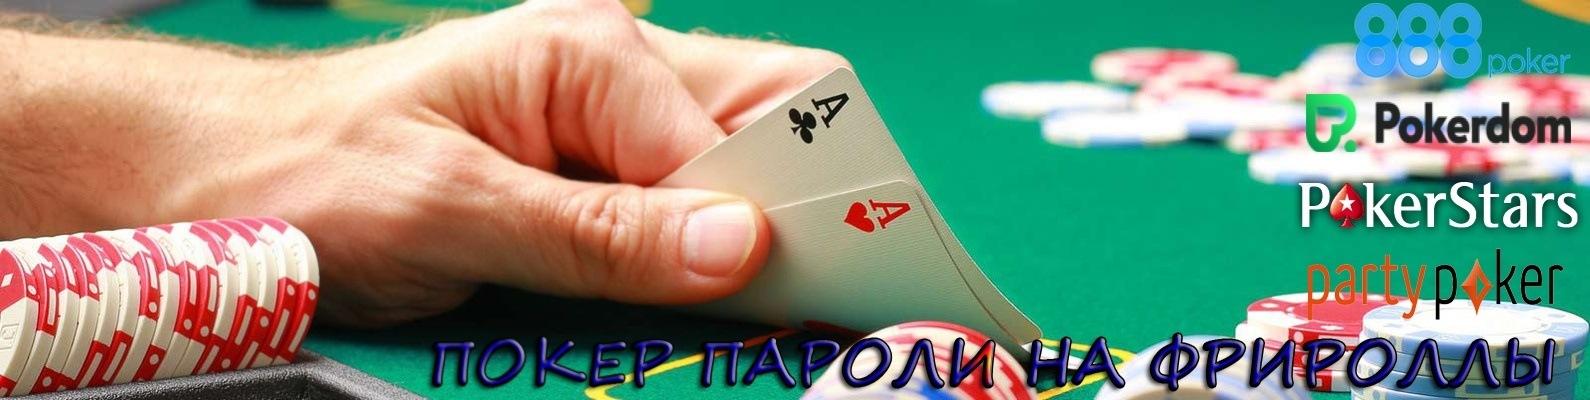 пароль на покер старс фриролл